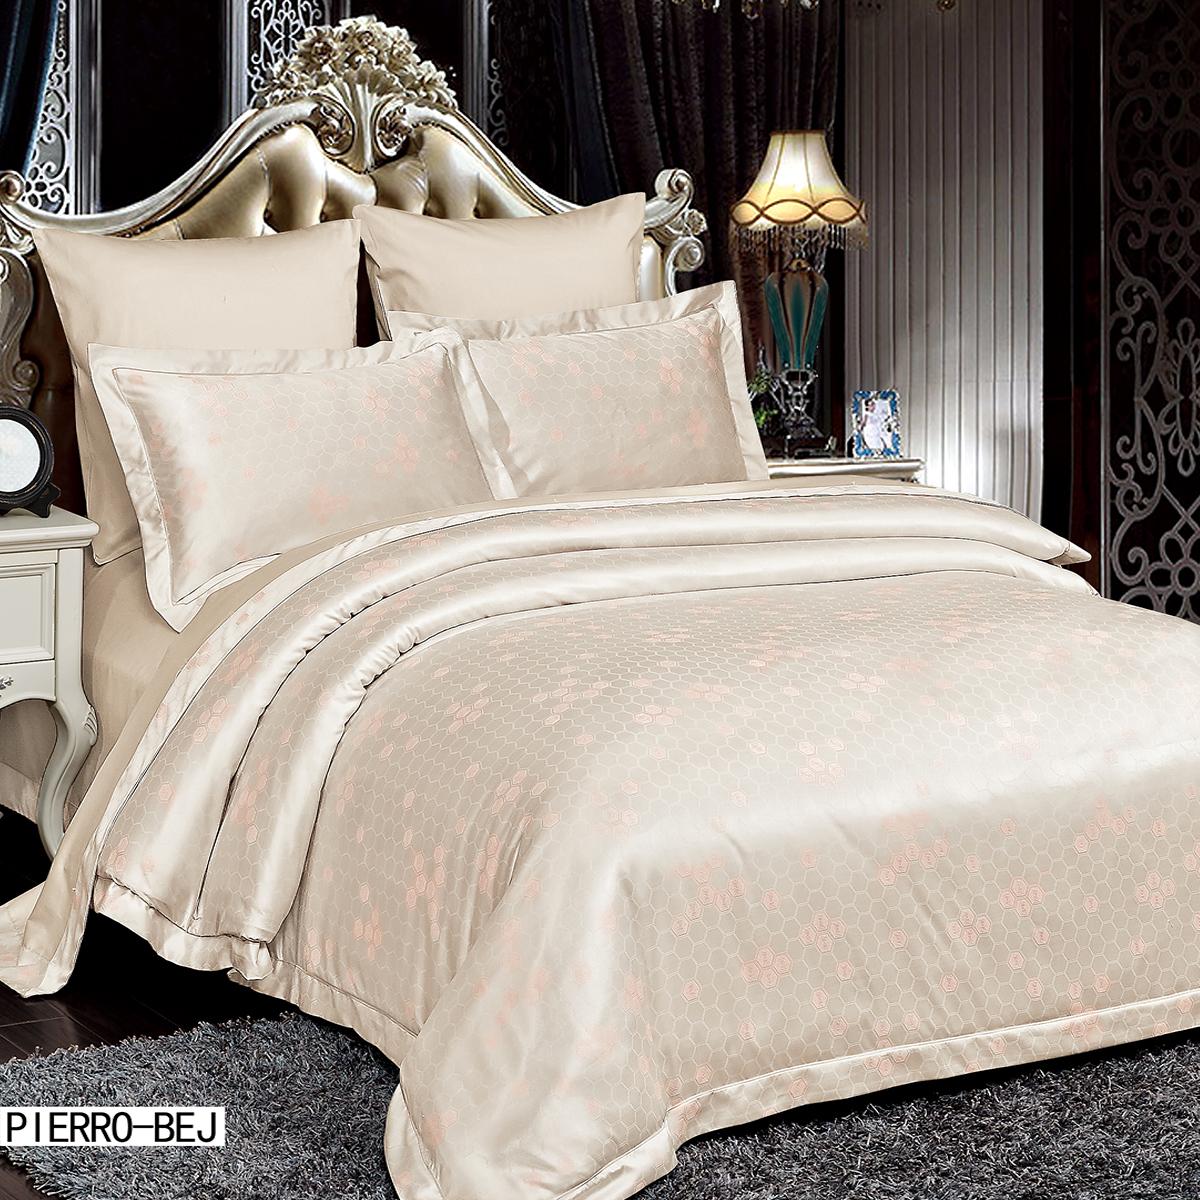 Купить Комплекты постельного белья Arya, Постельное белье Pierro Цвет: Бежевый (2 сп. евро), Турция, Бамбуковый сатин